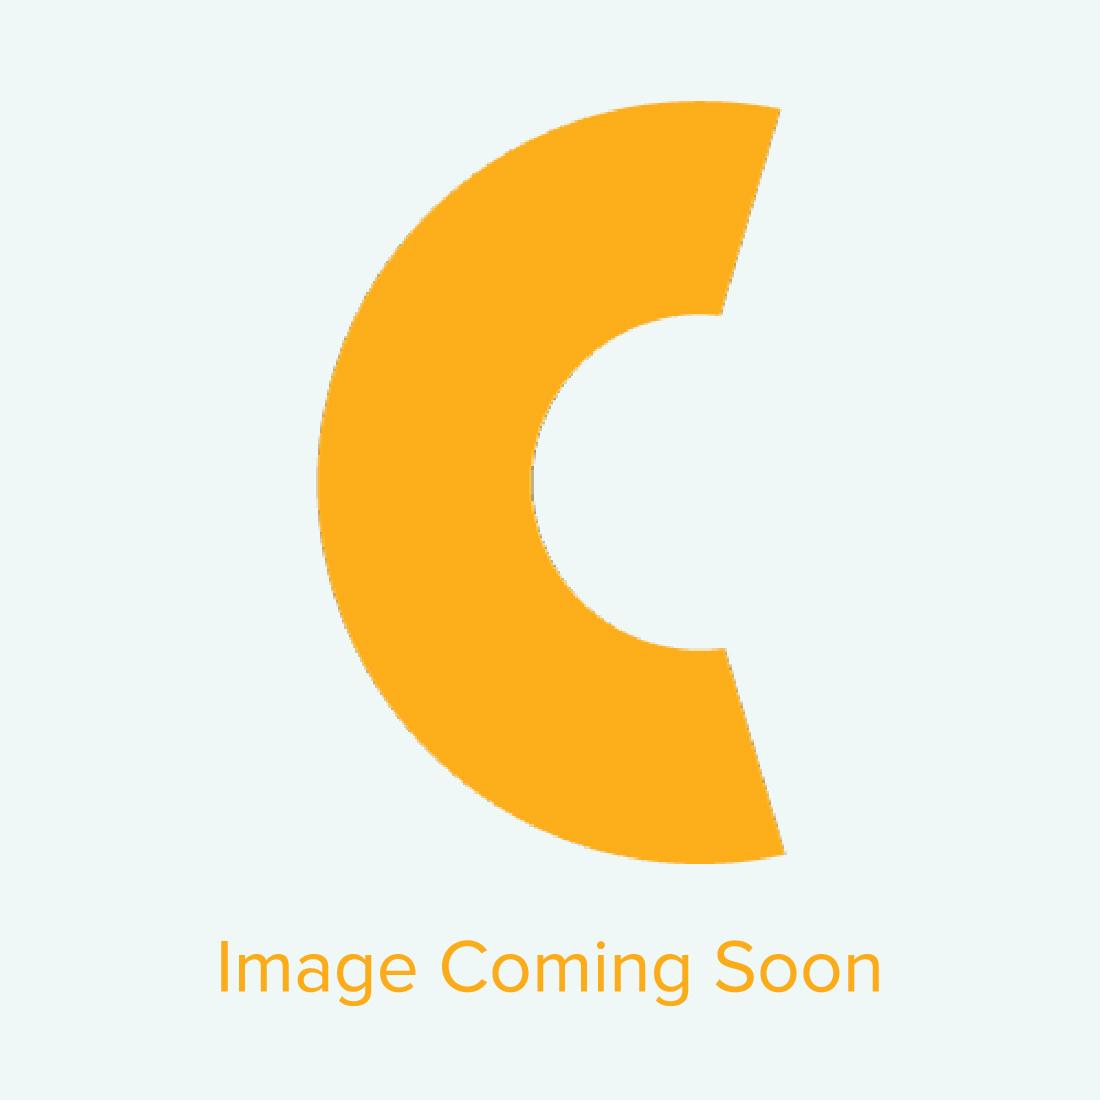 """Portrait PixScan Cutting Mat/Carrier Sheet for Silhouette Cameo Vinyl Cutter - 7.5"""" x 11.5"""""""